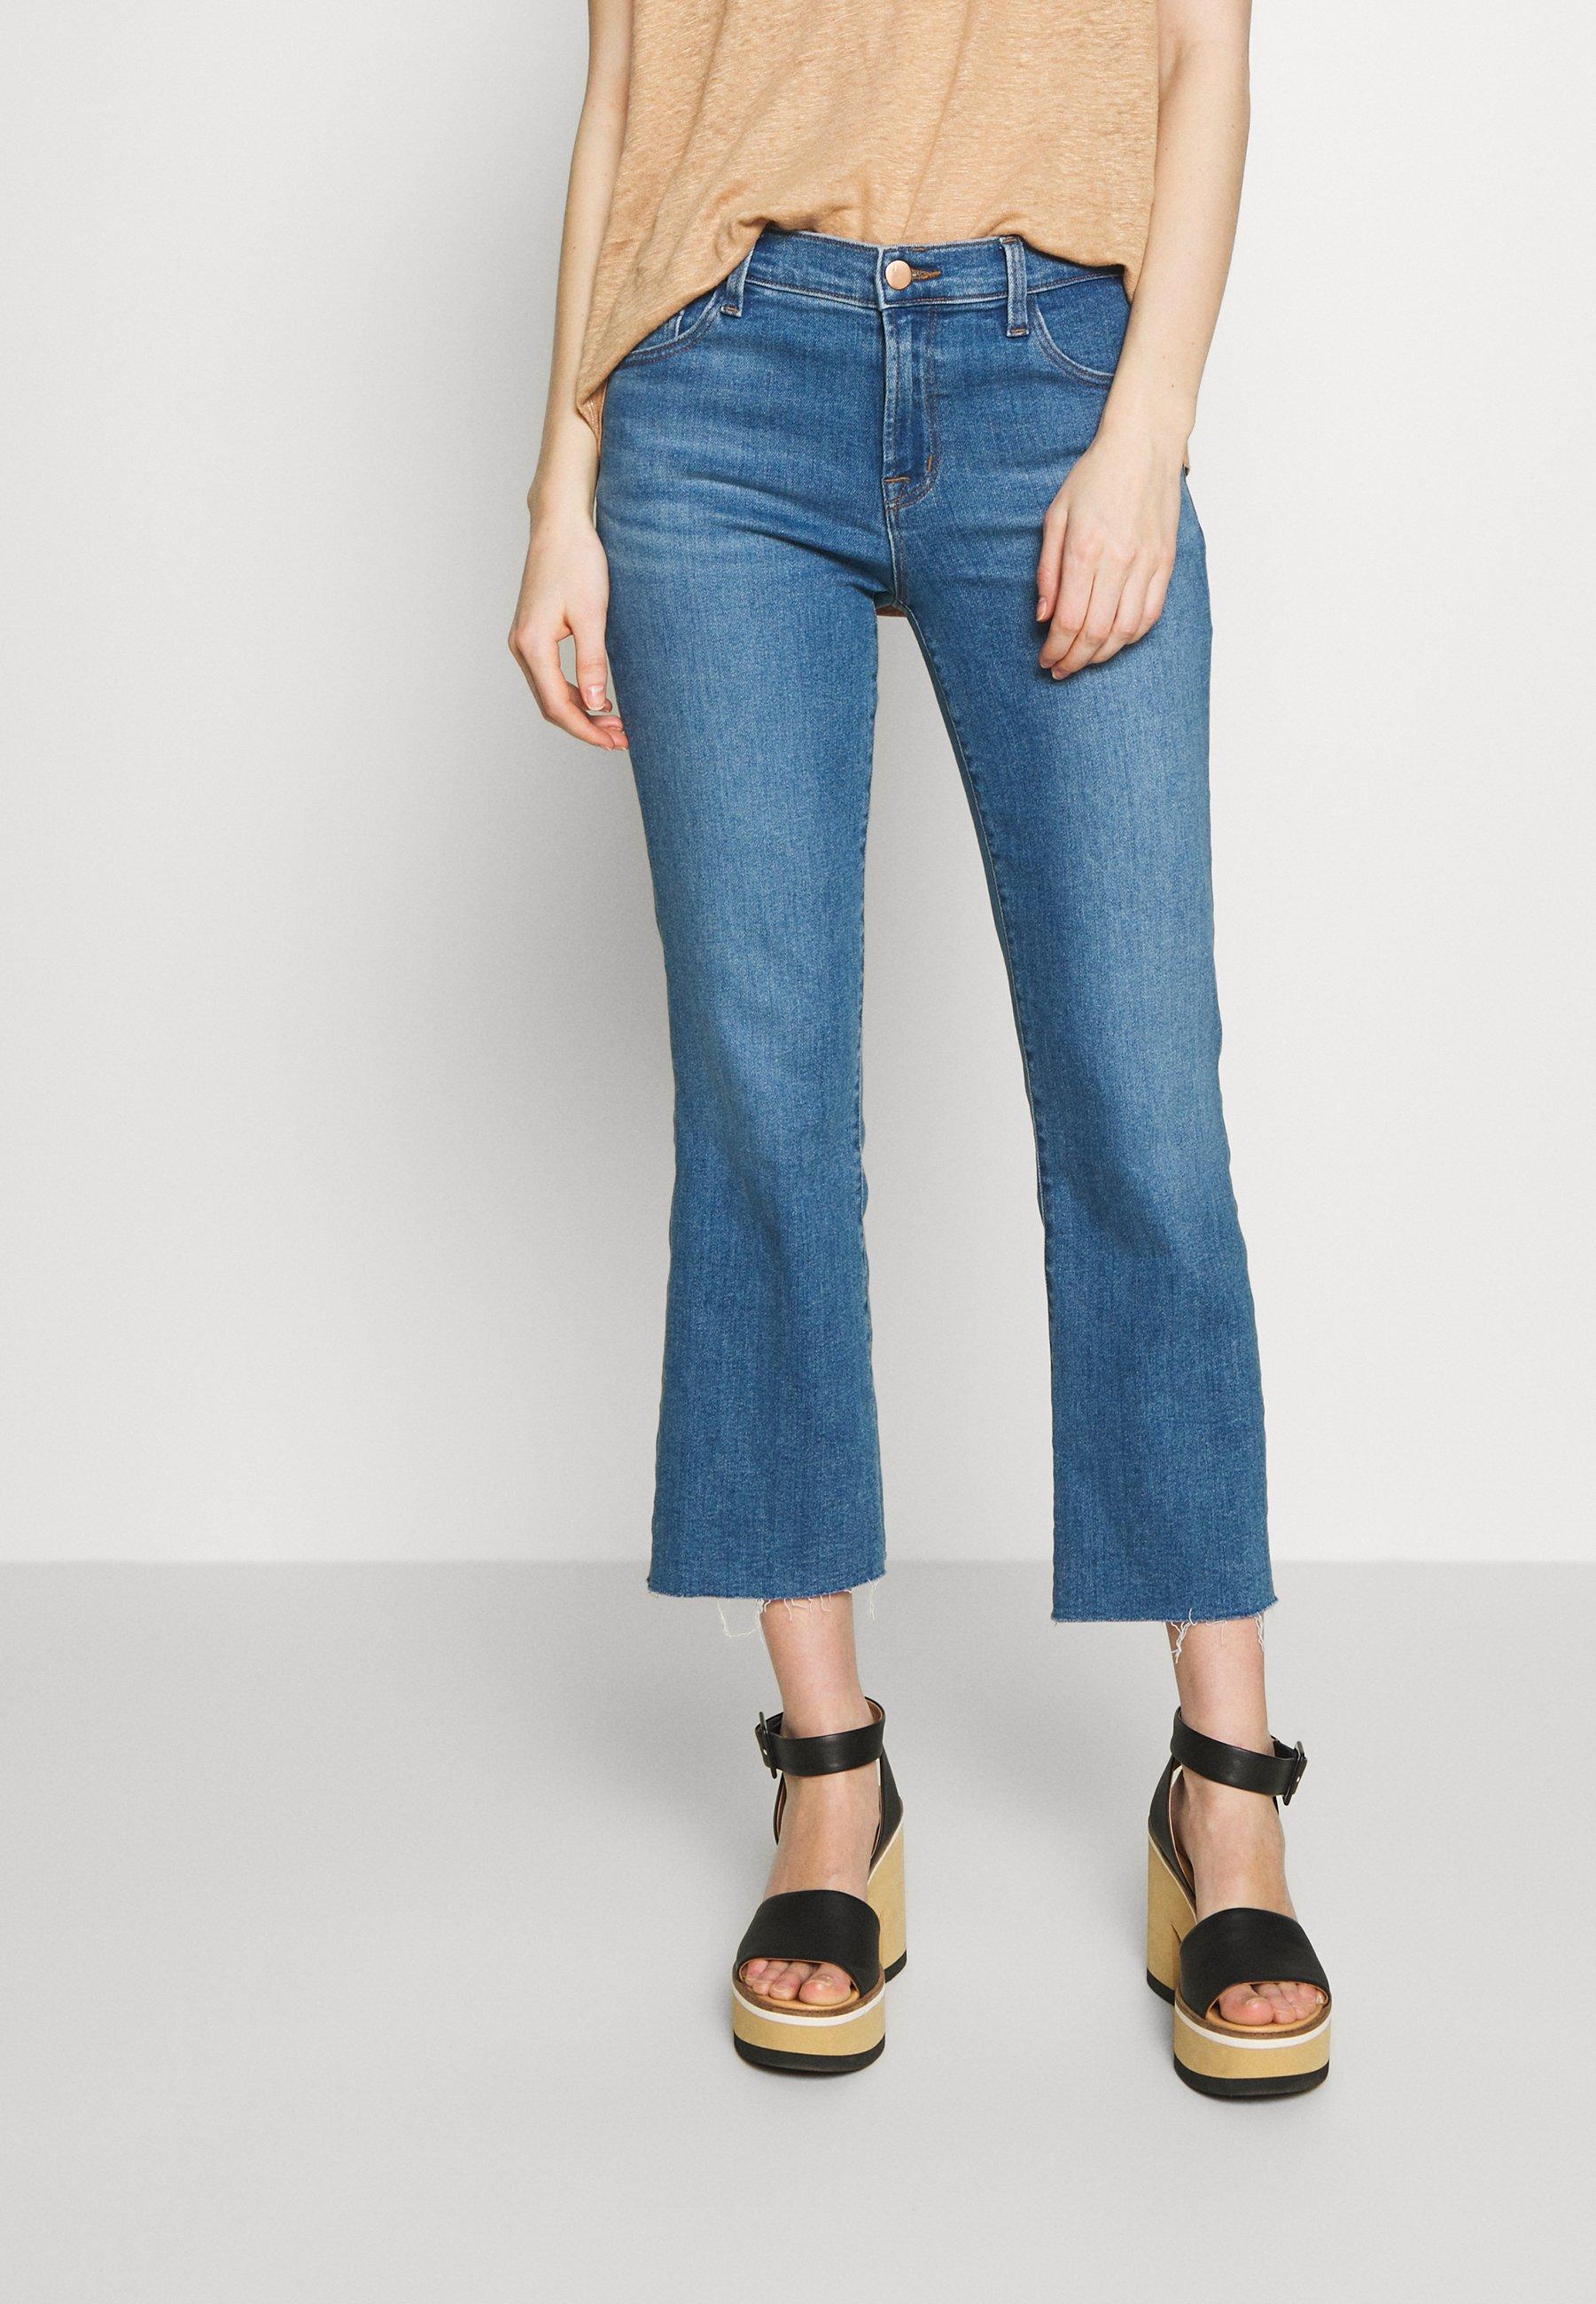 J Brand SELENA MID RISE CROP - Jean flare - cerulean - Jeans Femme SjvJi